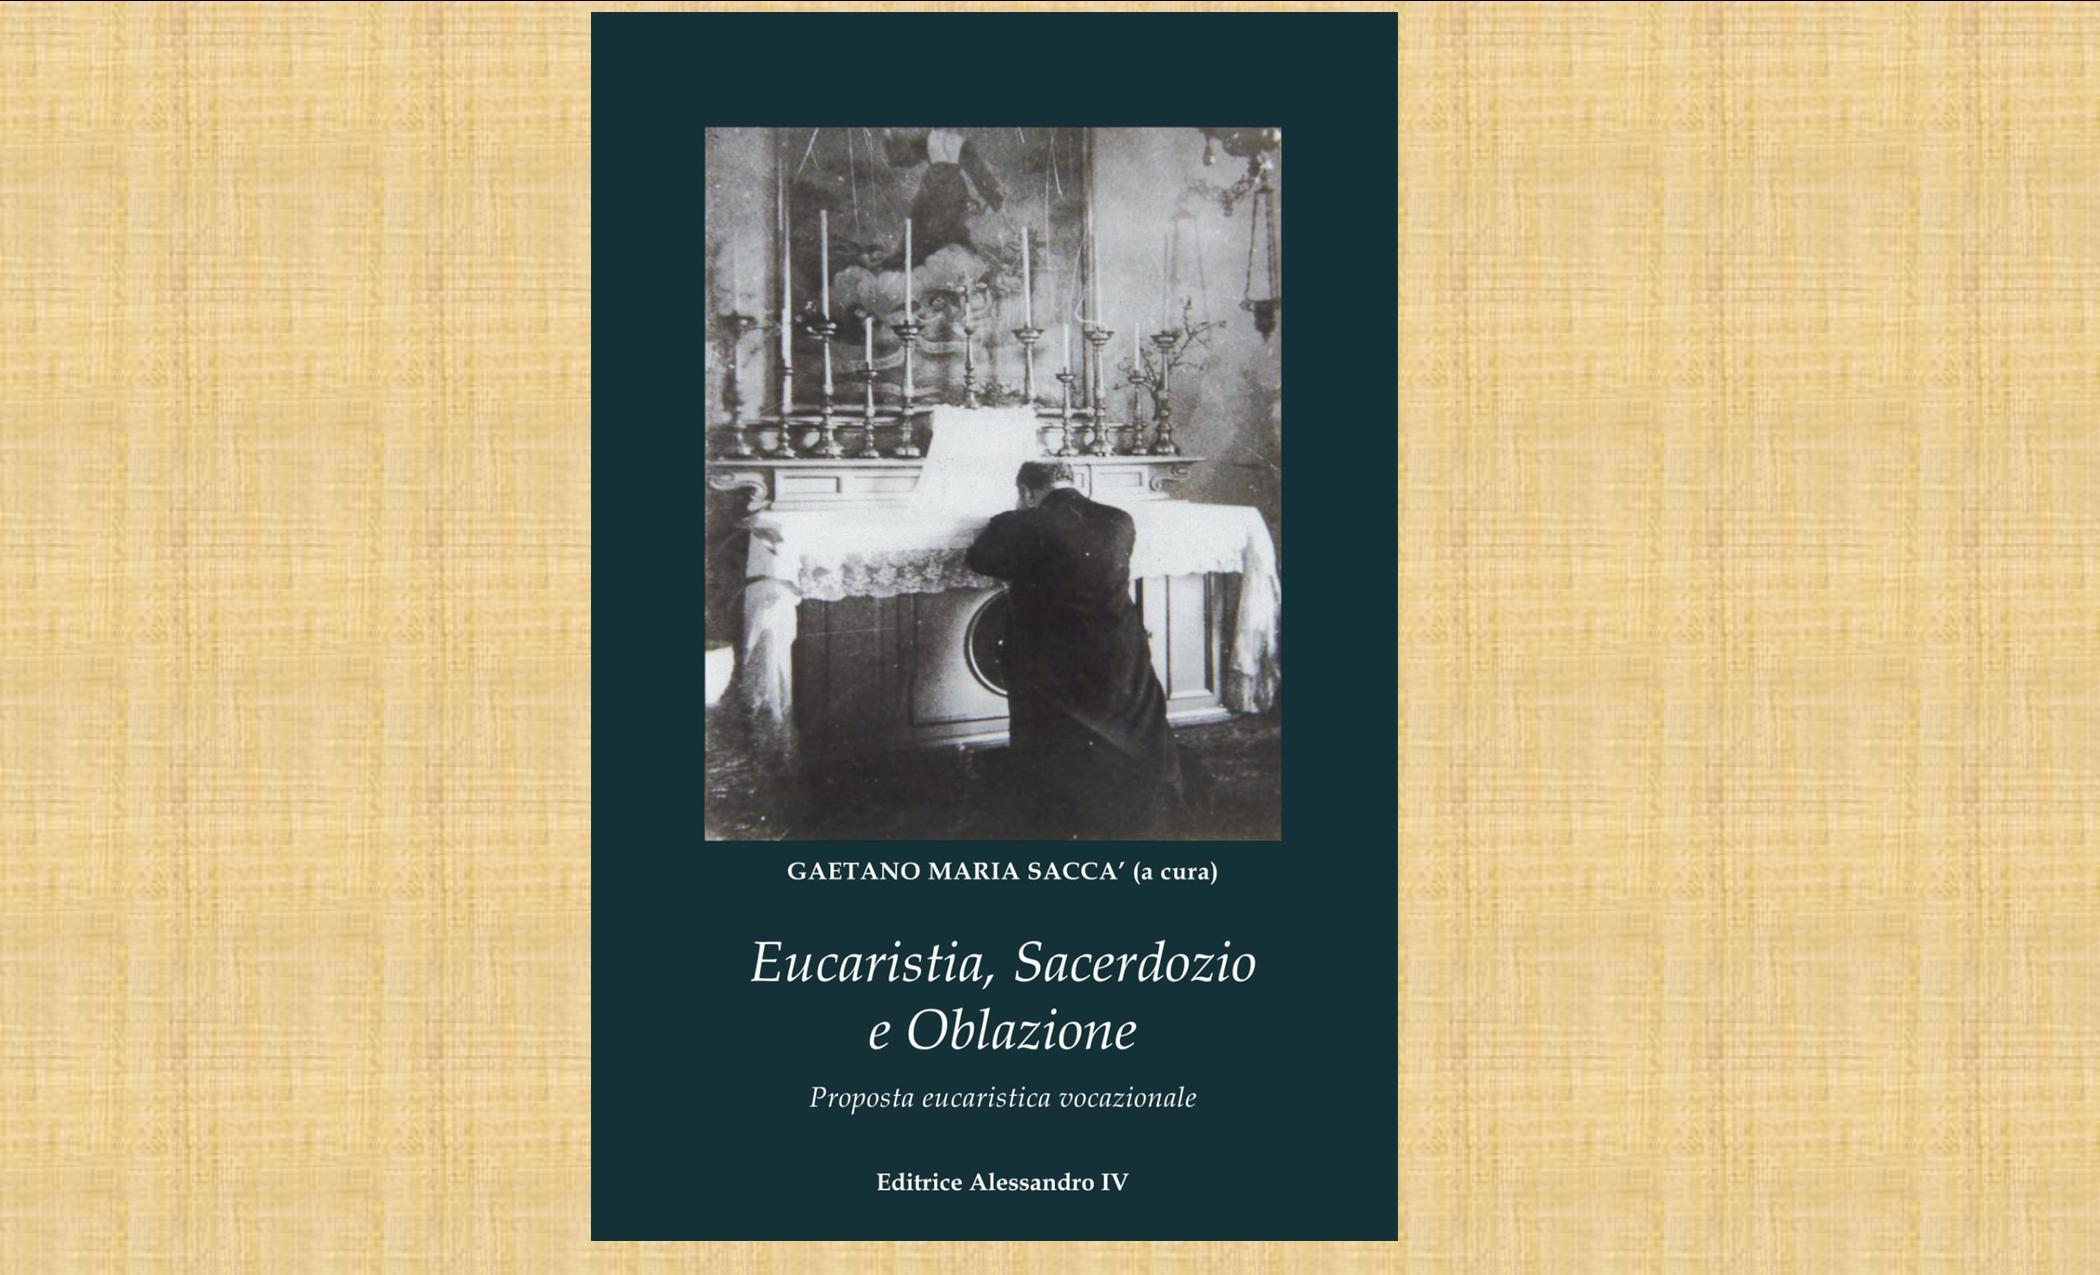 """Eucaristia, sacerdozio e oblazione. Al via la pubblicazione del libro su """"Monsignor Cognata"""""""